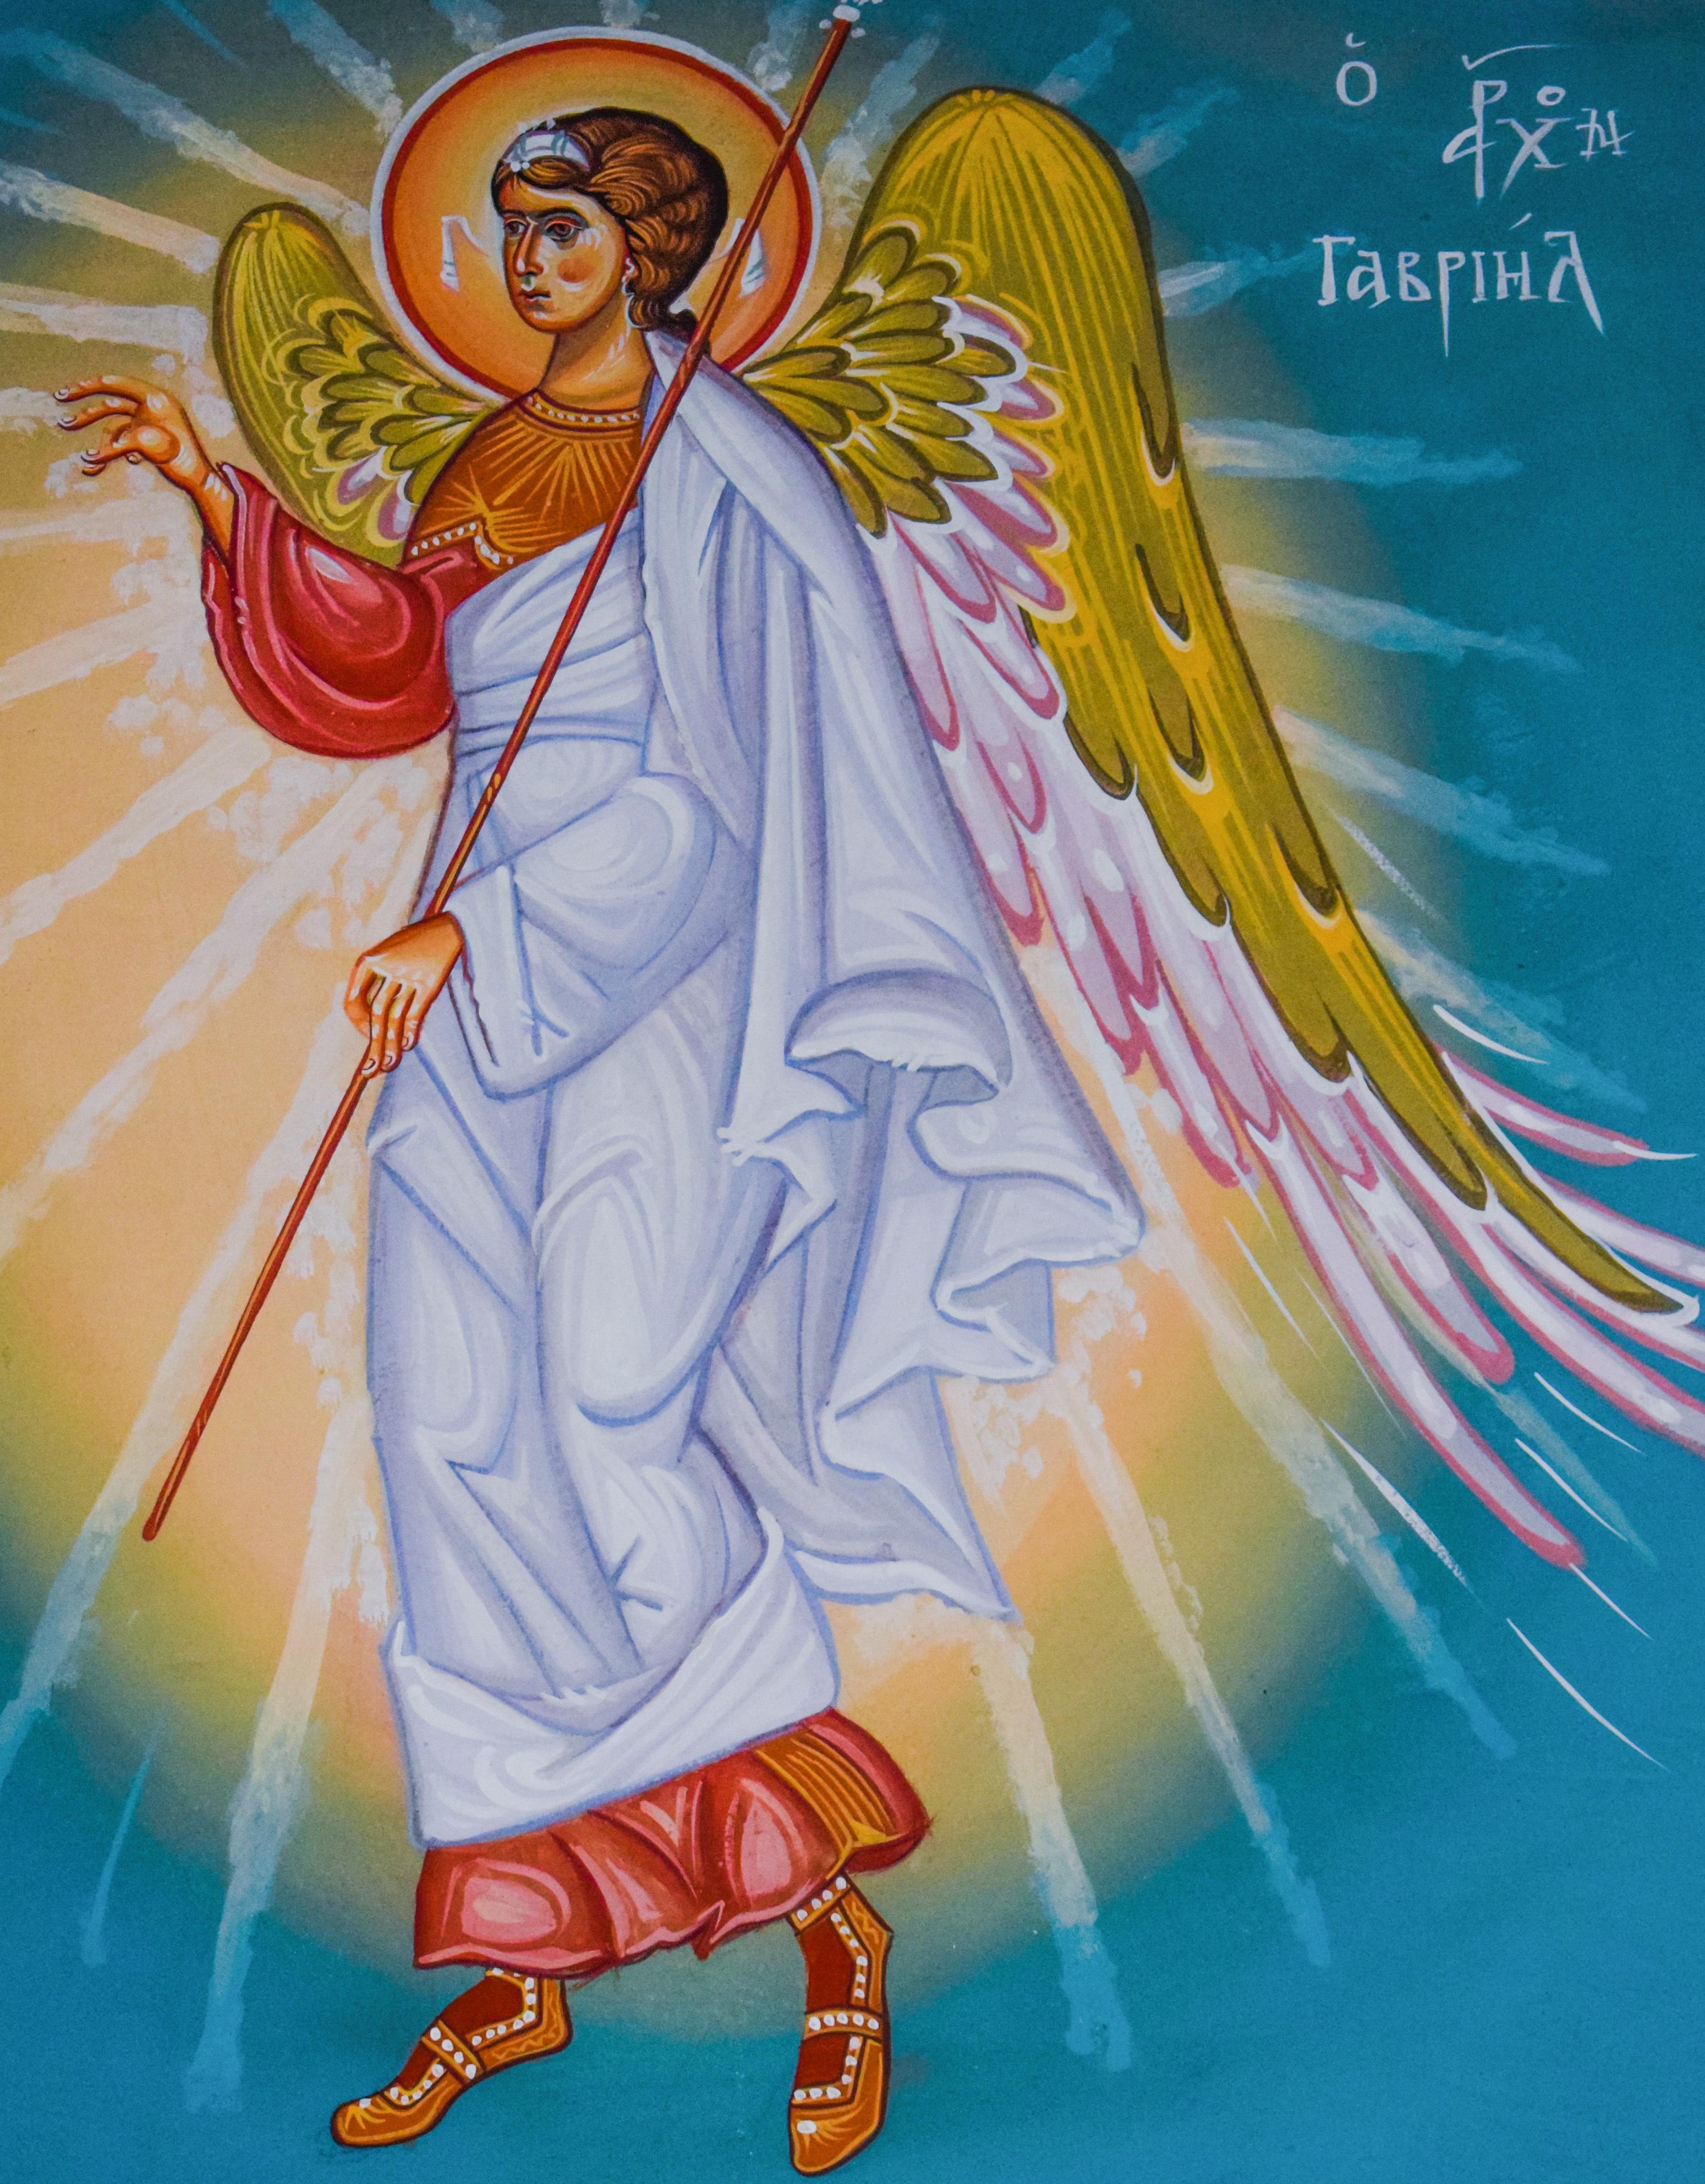 ангелы господни имена с картинками лотоса выигрывал несколько